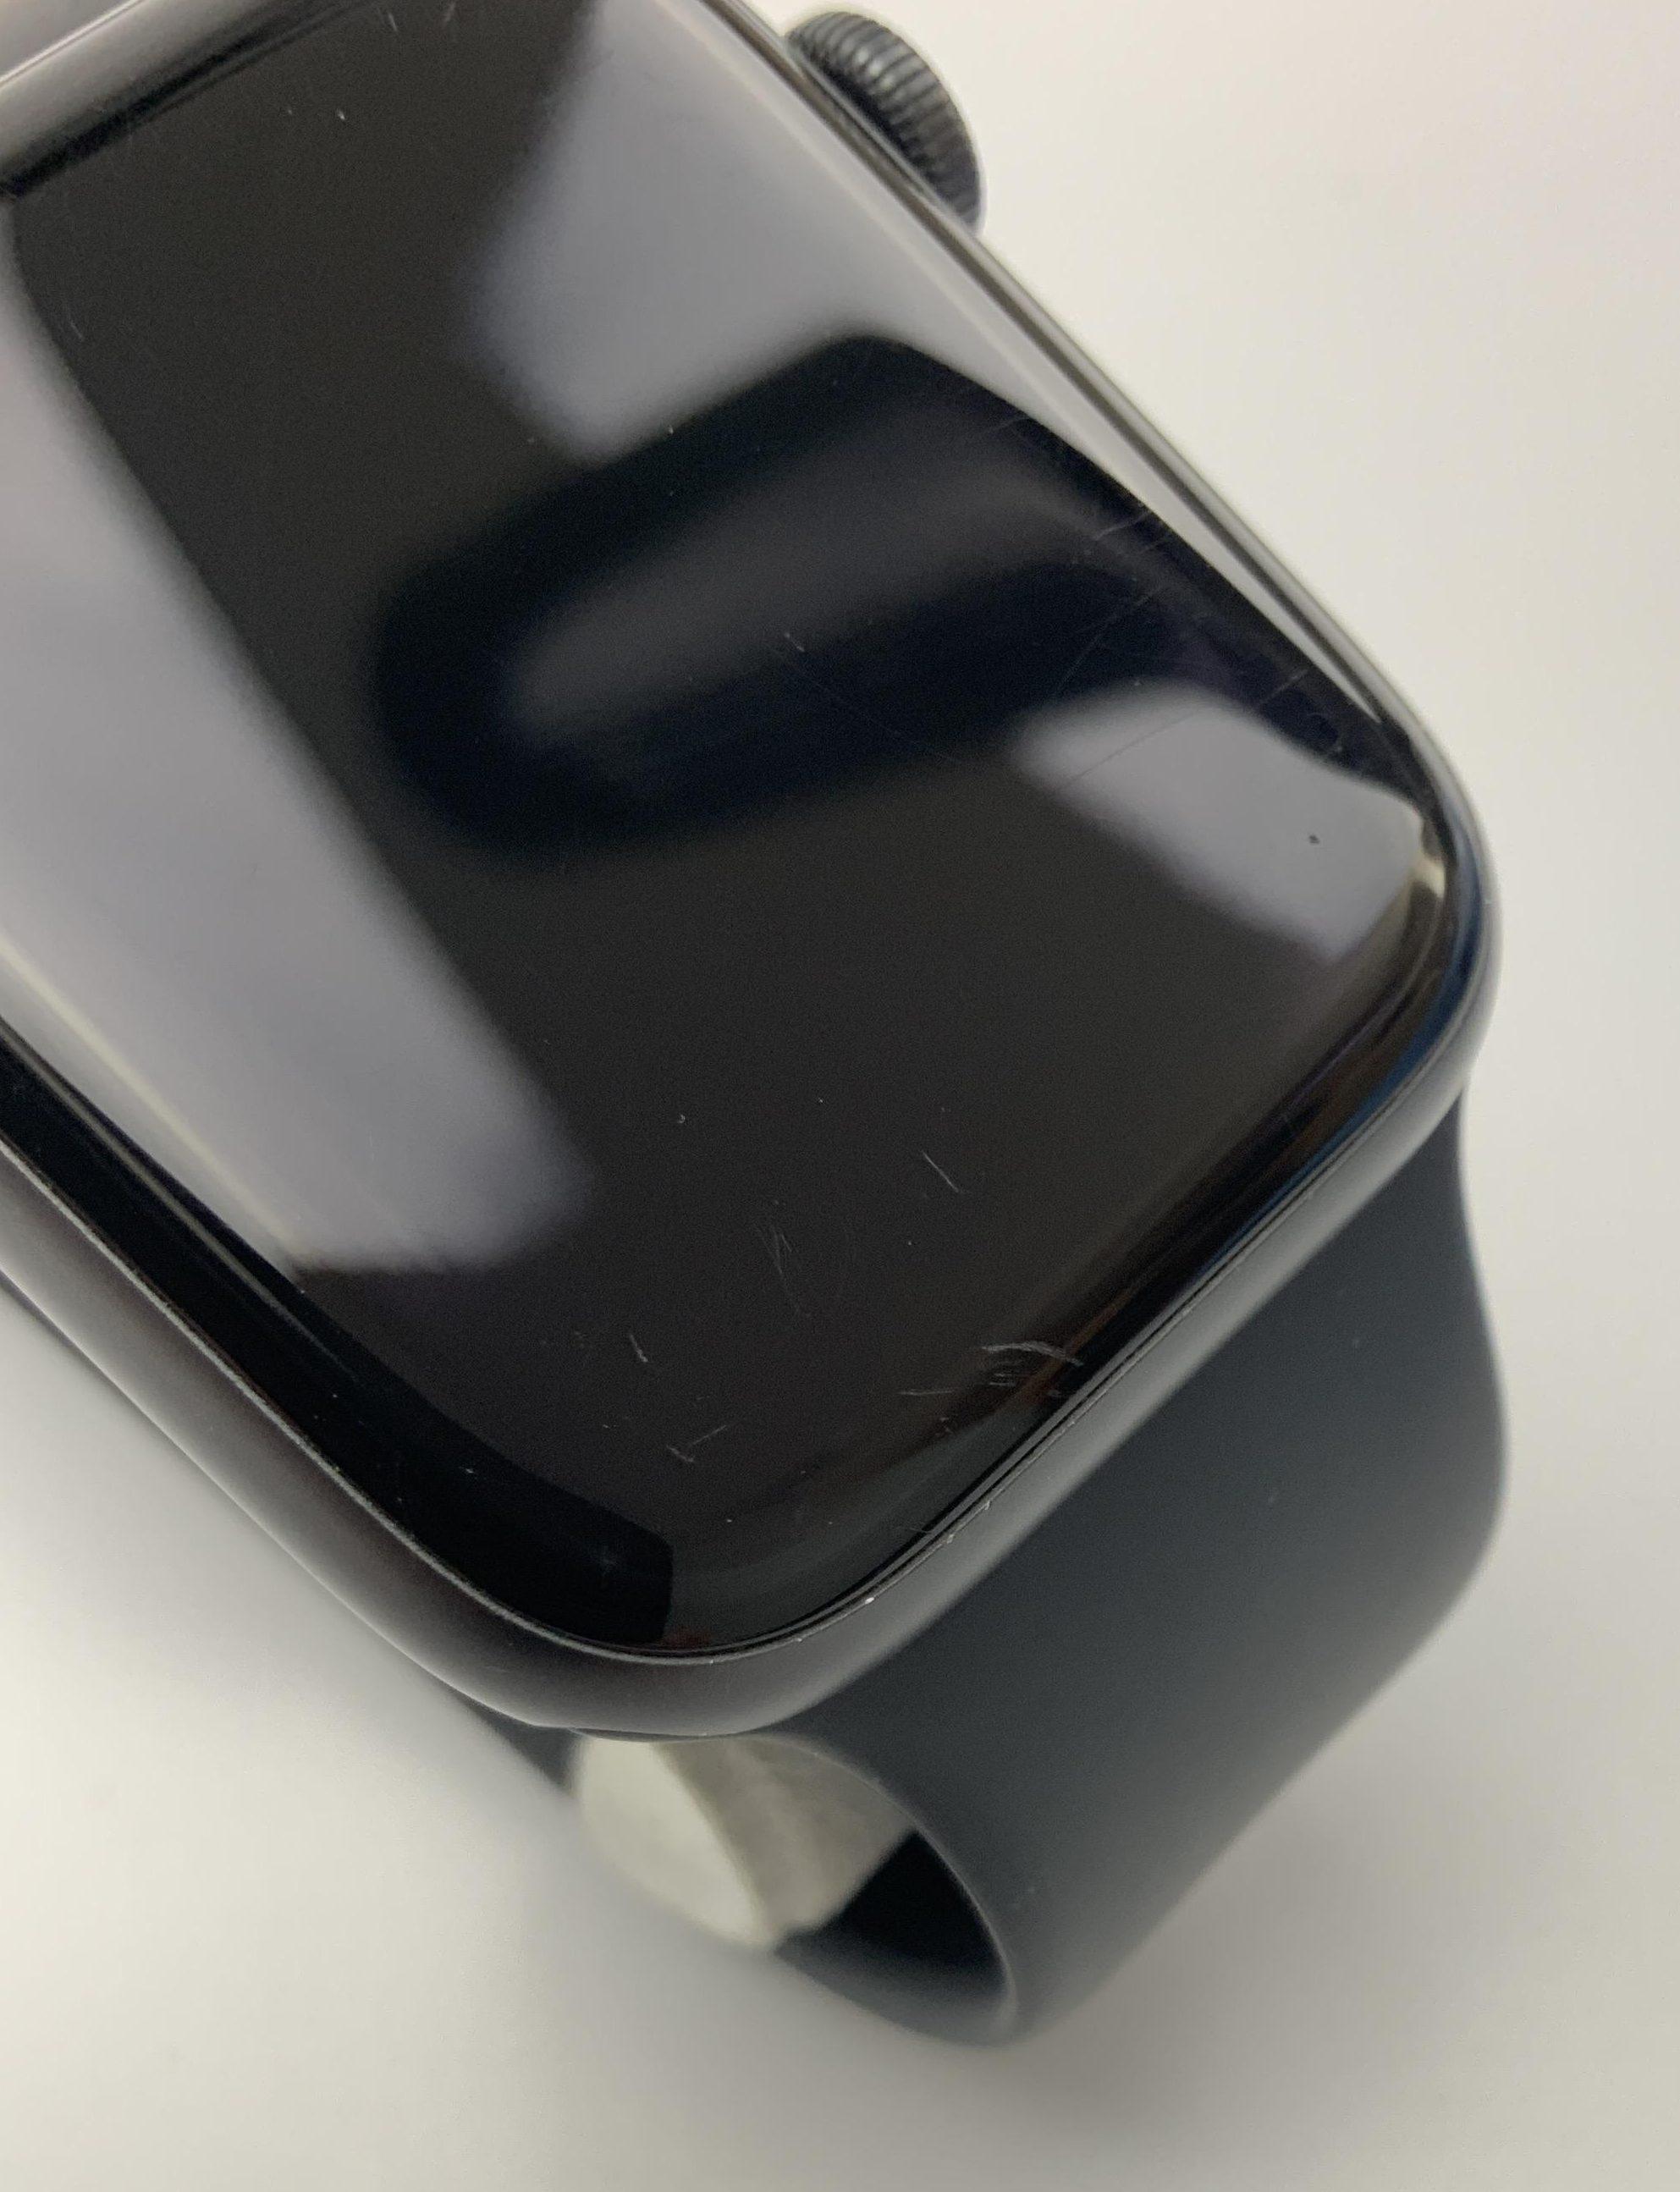 Watch Series 5 Aluminum (44mm), Space Gray, imagen 4